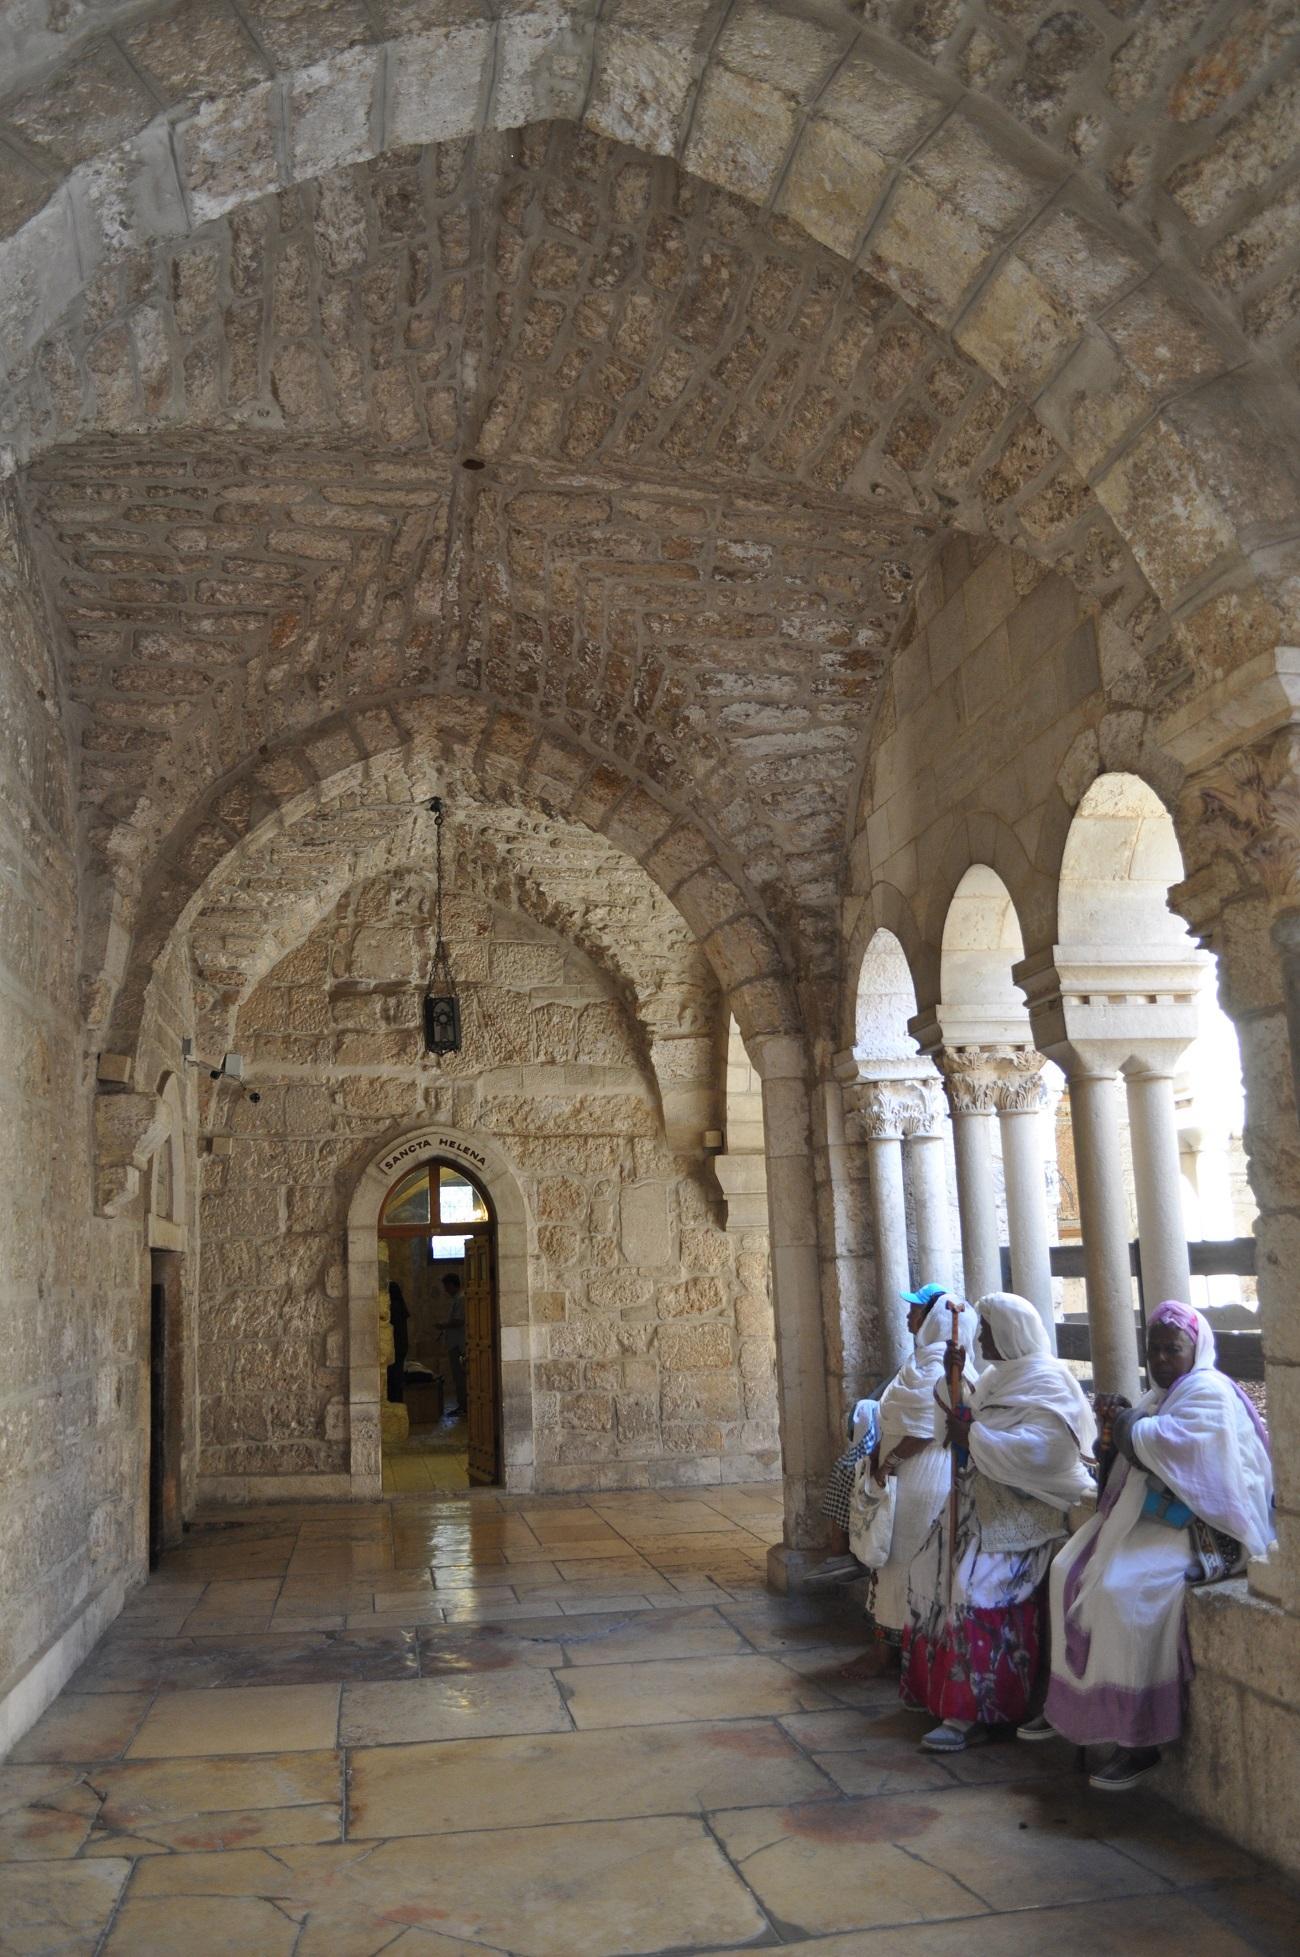 rocaille-blog-palestine-bethlehem-west-bank-banksy-1